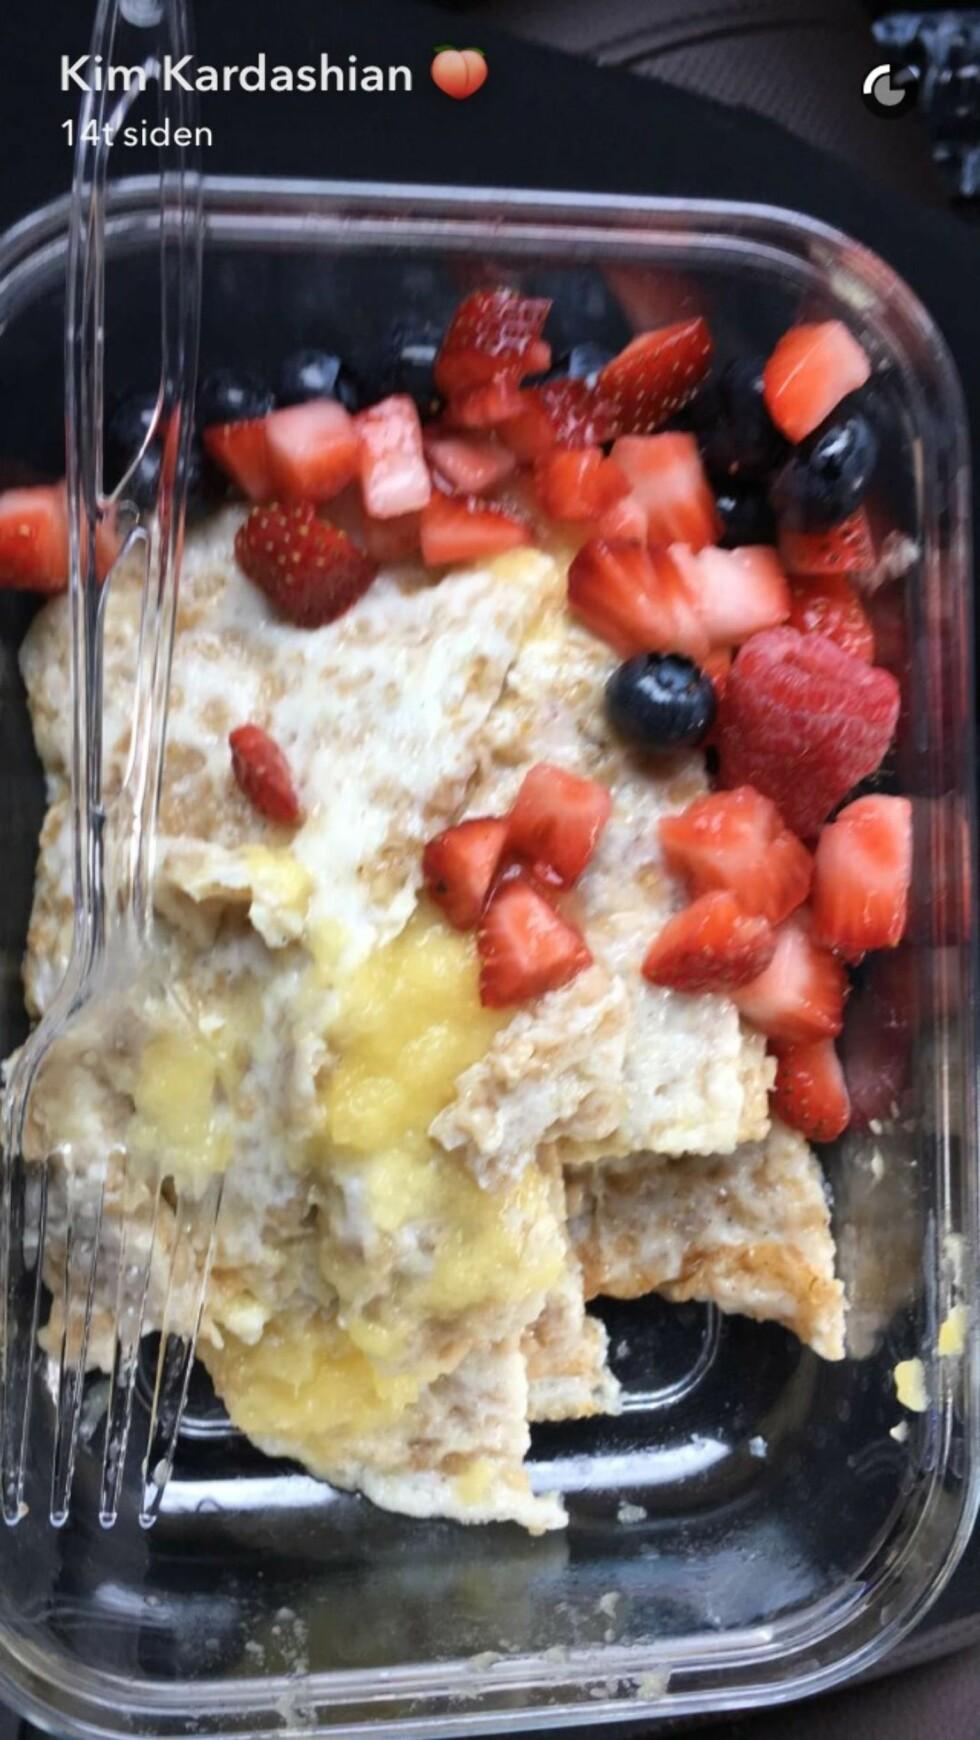 EGG OG BÆR: En omelett dekket med bringebær, jordbær og blåbær er blant frokostene på Kims plan. Foto: Snapchat